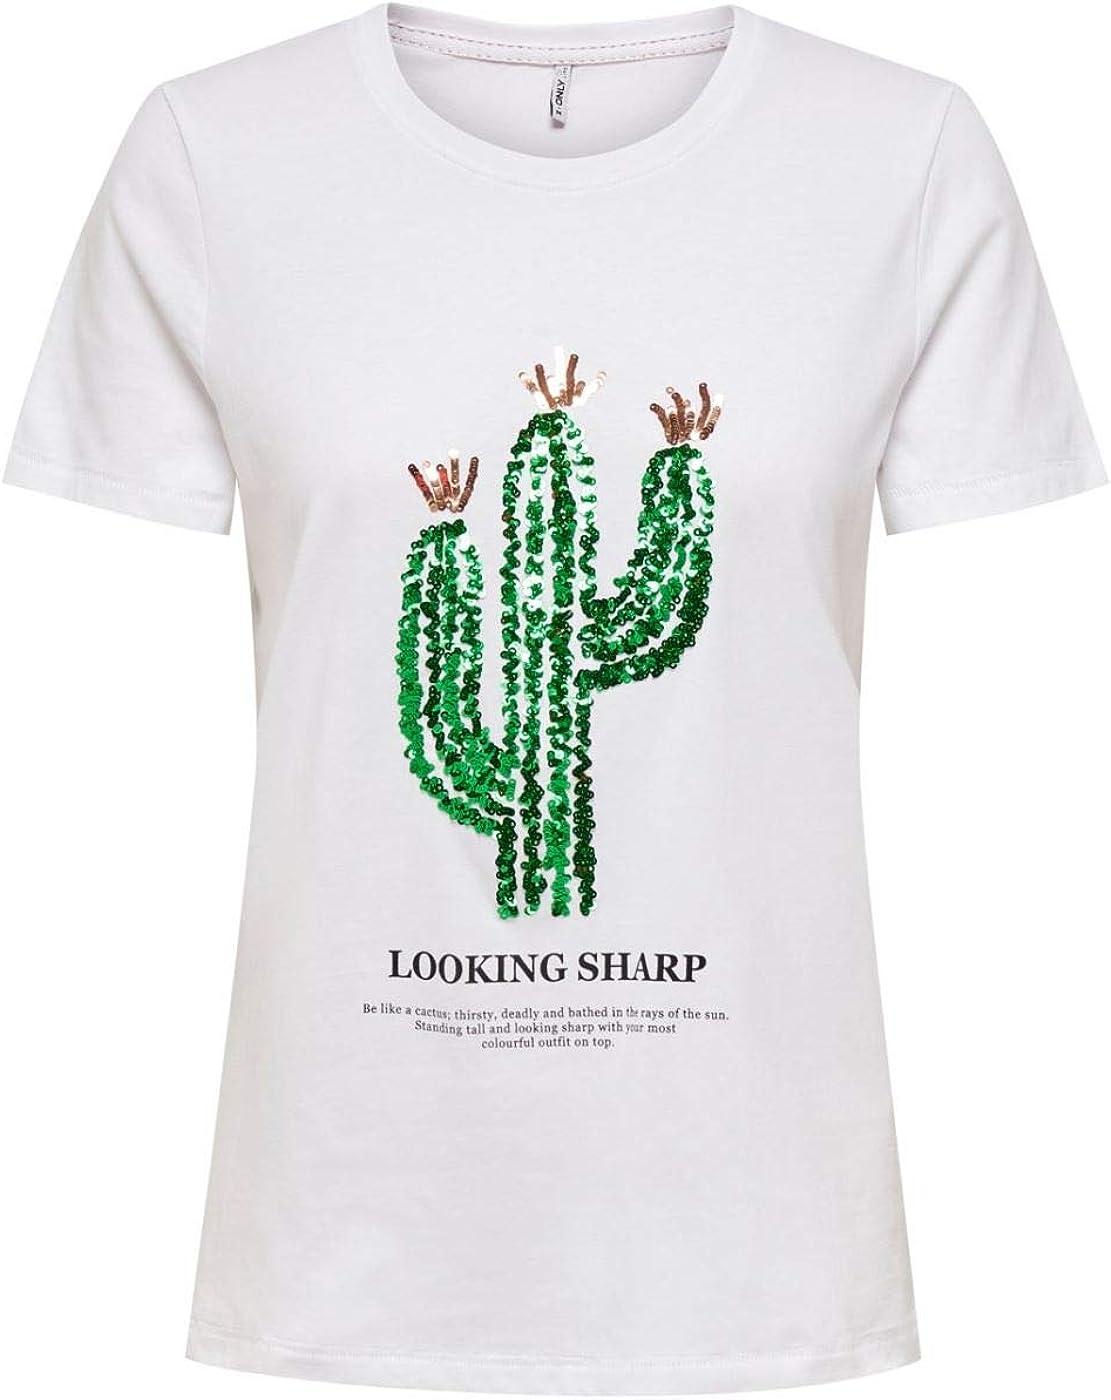 Only Onlkita Life Reg S/s Cactus Top Box Jrs Camiseta, Blanco Brillante, S para Mujer: Amazon.es: Ropa y accesorios